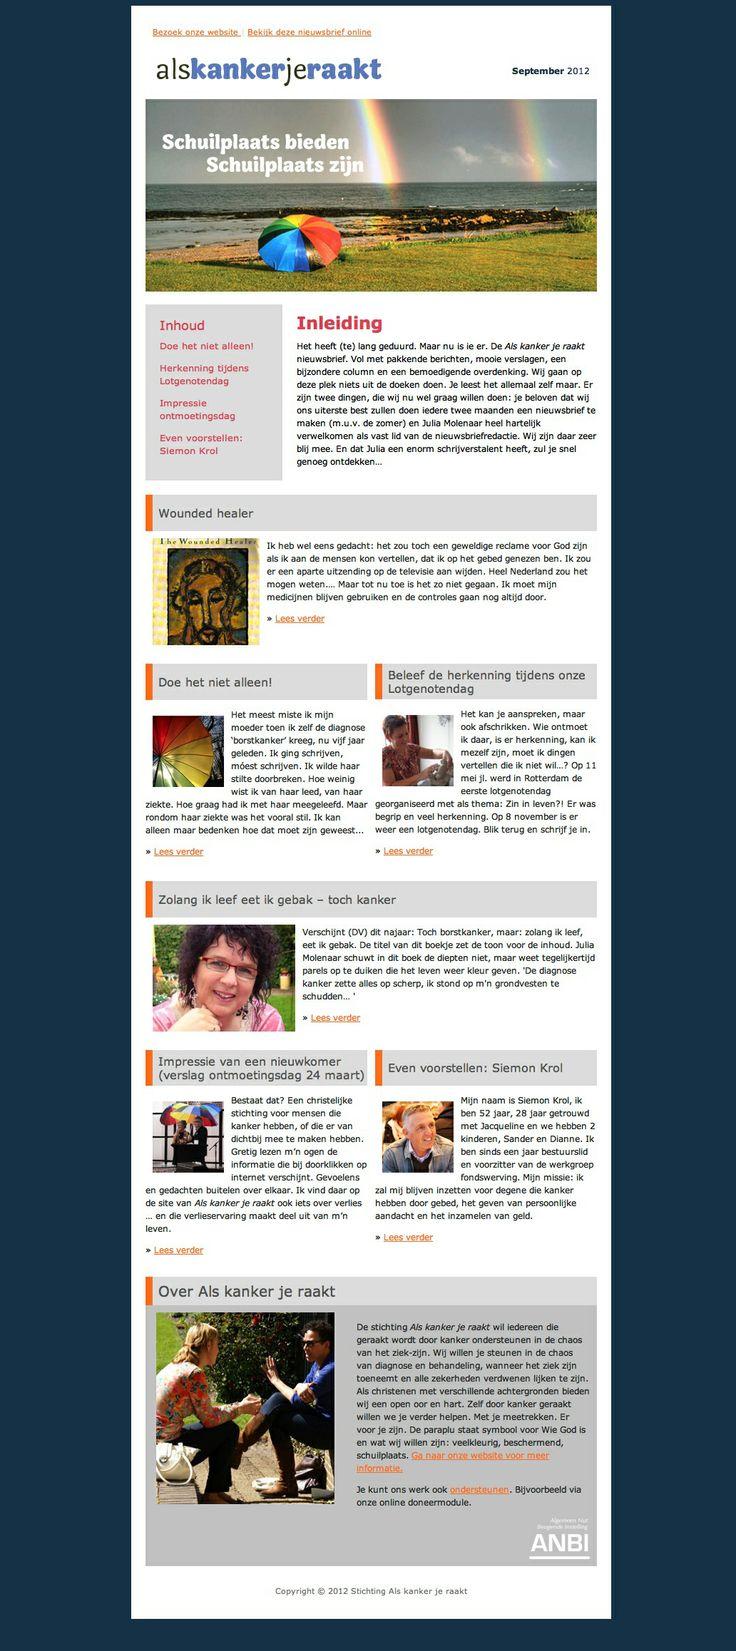 Ontwerp en realisatie van de tweemaandelijkse e-mail nieuwsbrief van www.alskankerjeraakt.nl